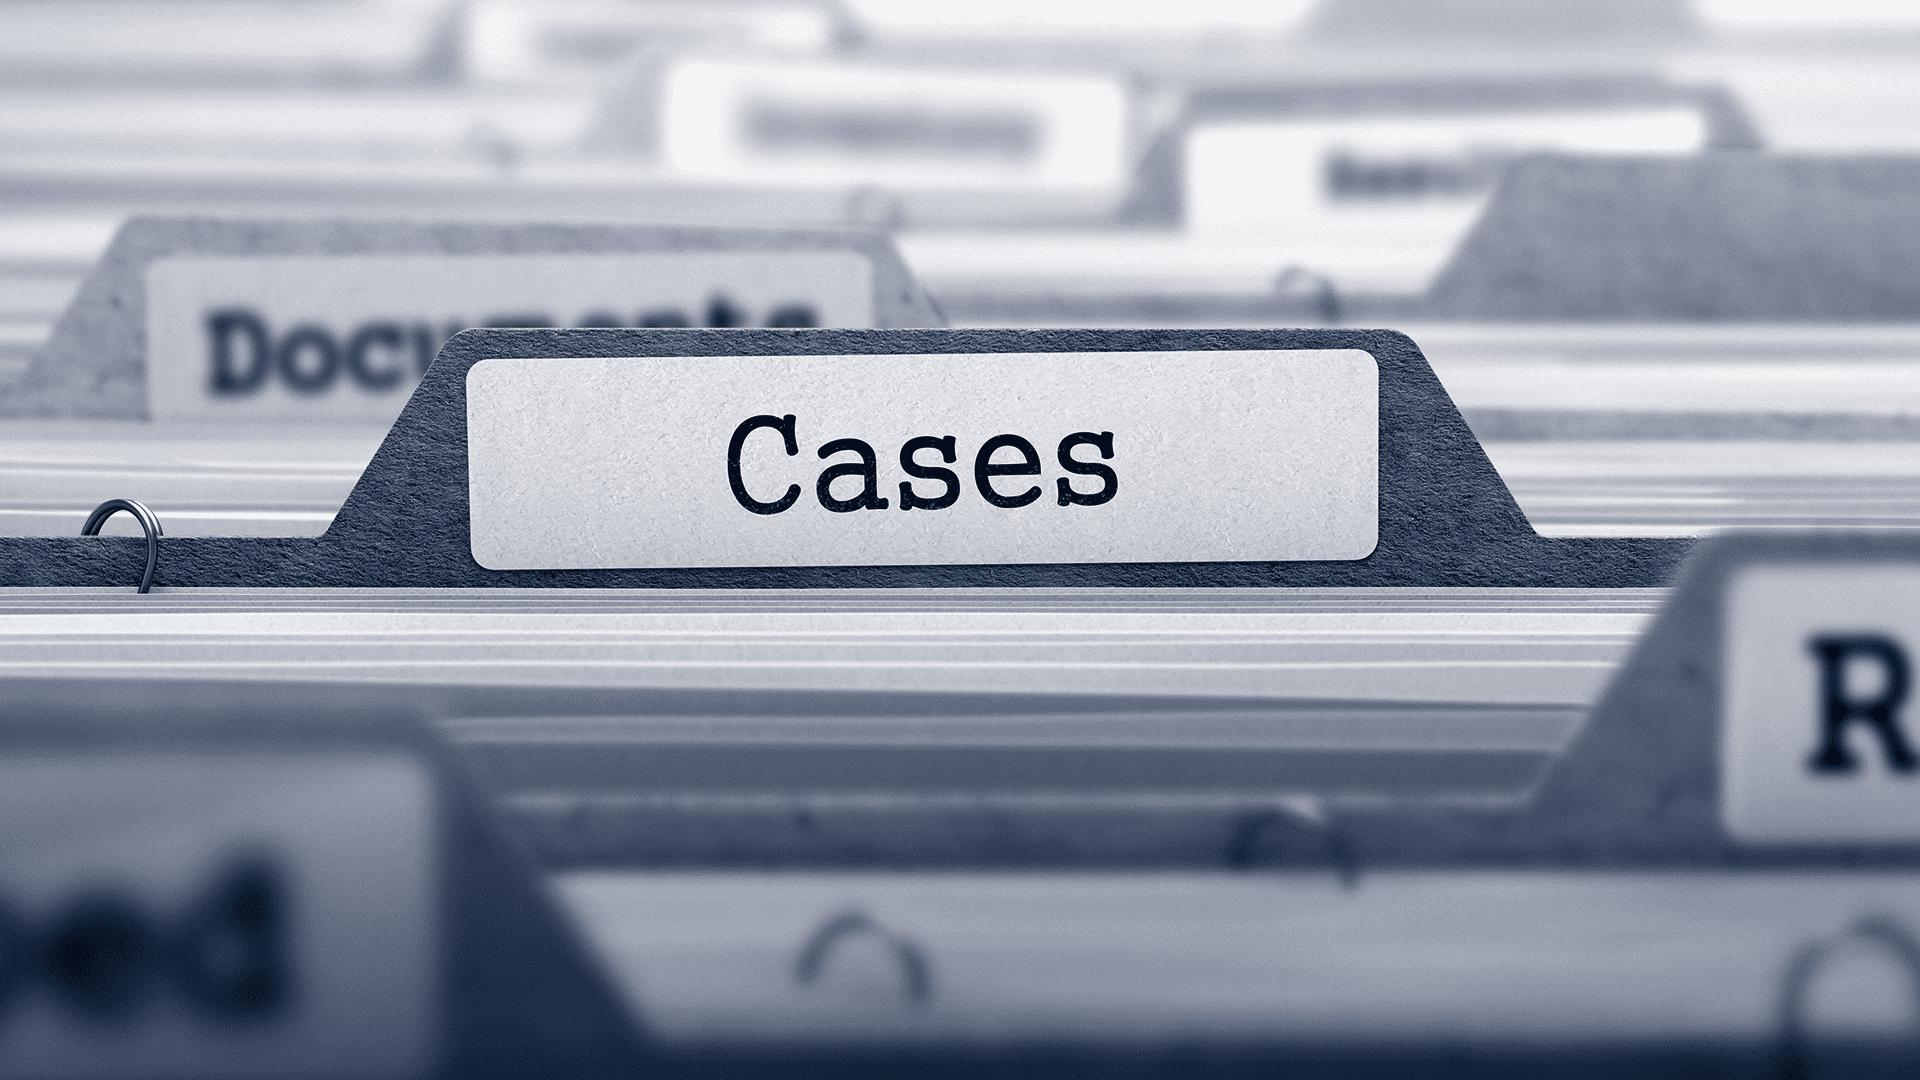 Le Case Management : Par où commencer ? Définition, rôle et outils cover image